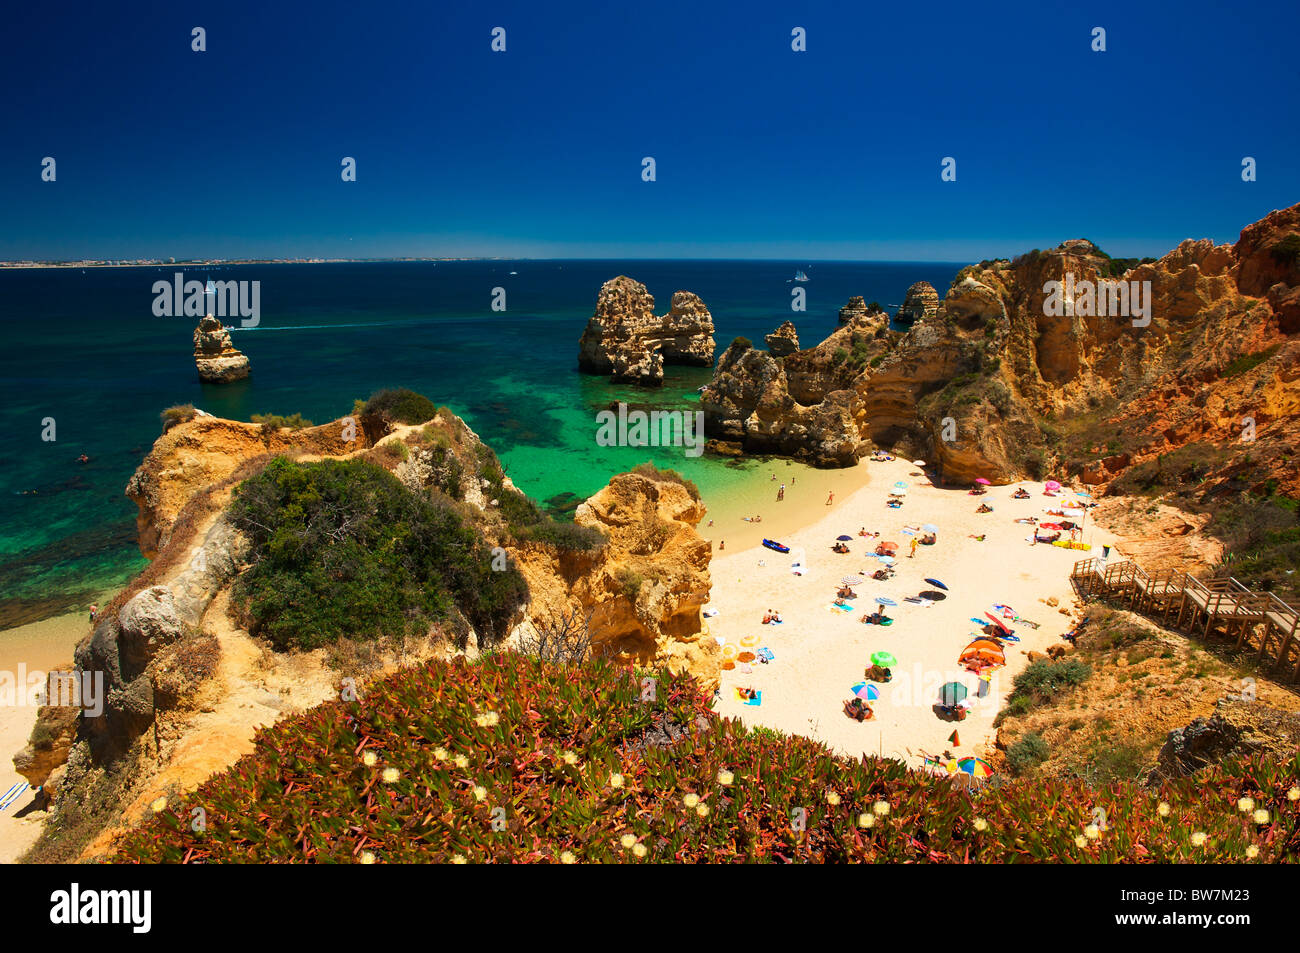 Praia Camilo, Algarve, Portugal Stockbild